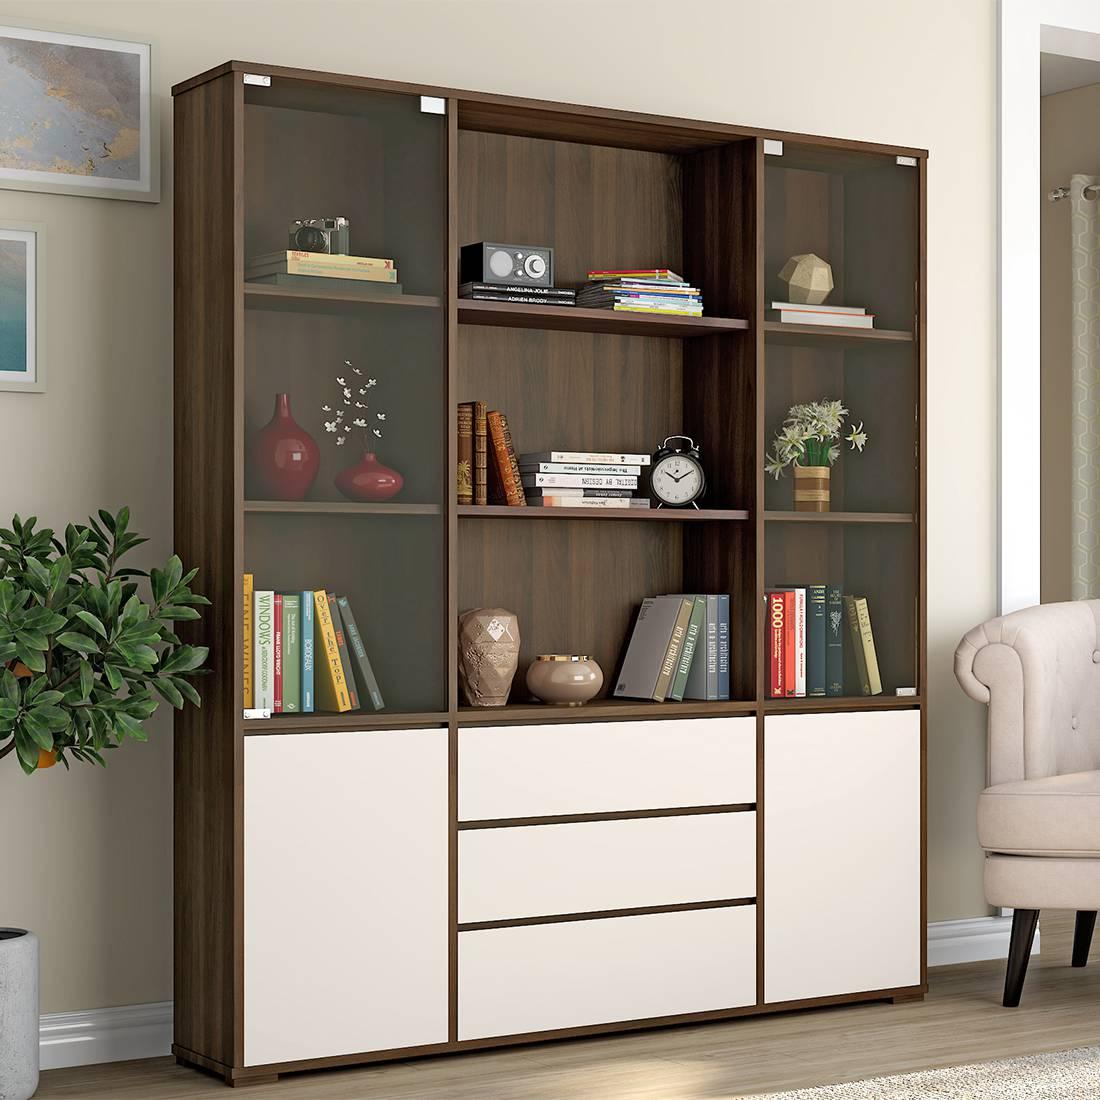 Image of: Bookshelf Buy Bookshelves Online In India Latest Bookshelf Designs Urban Ladder